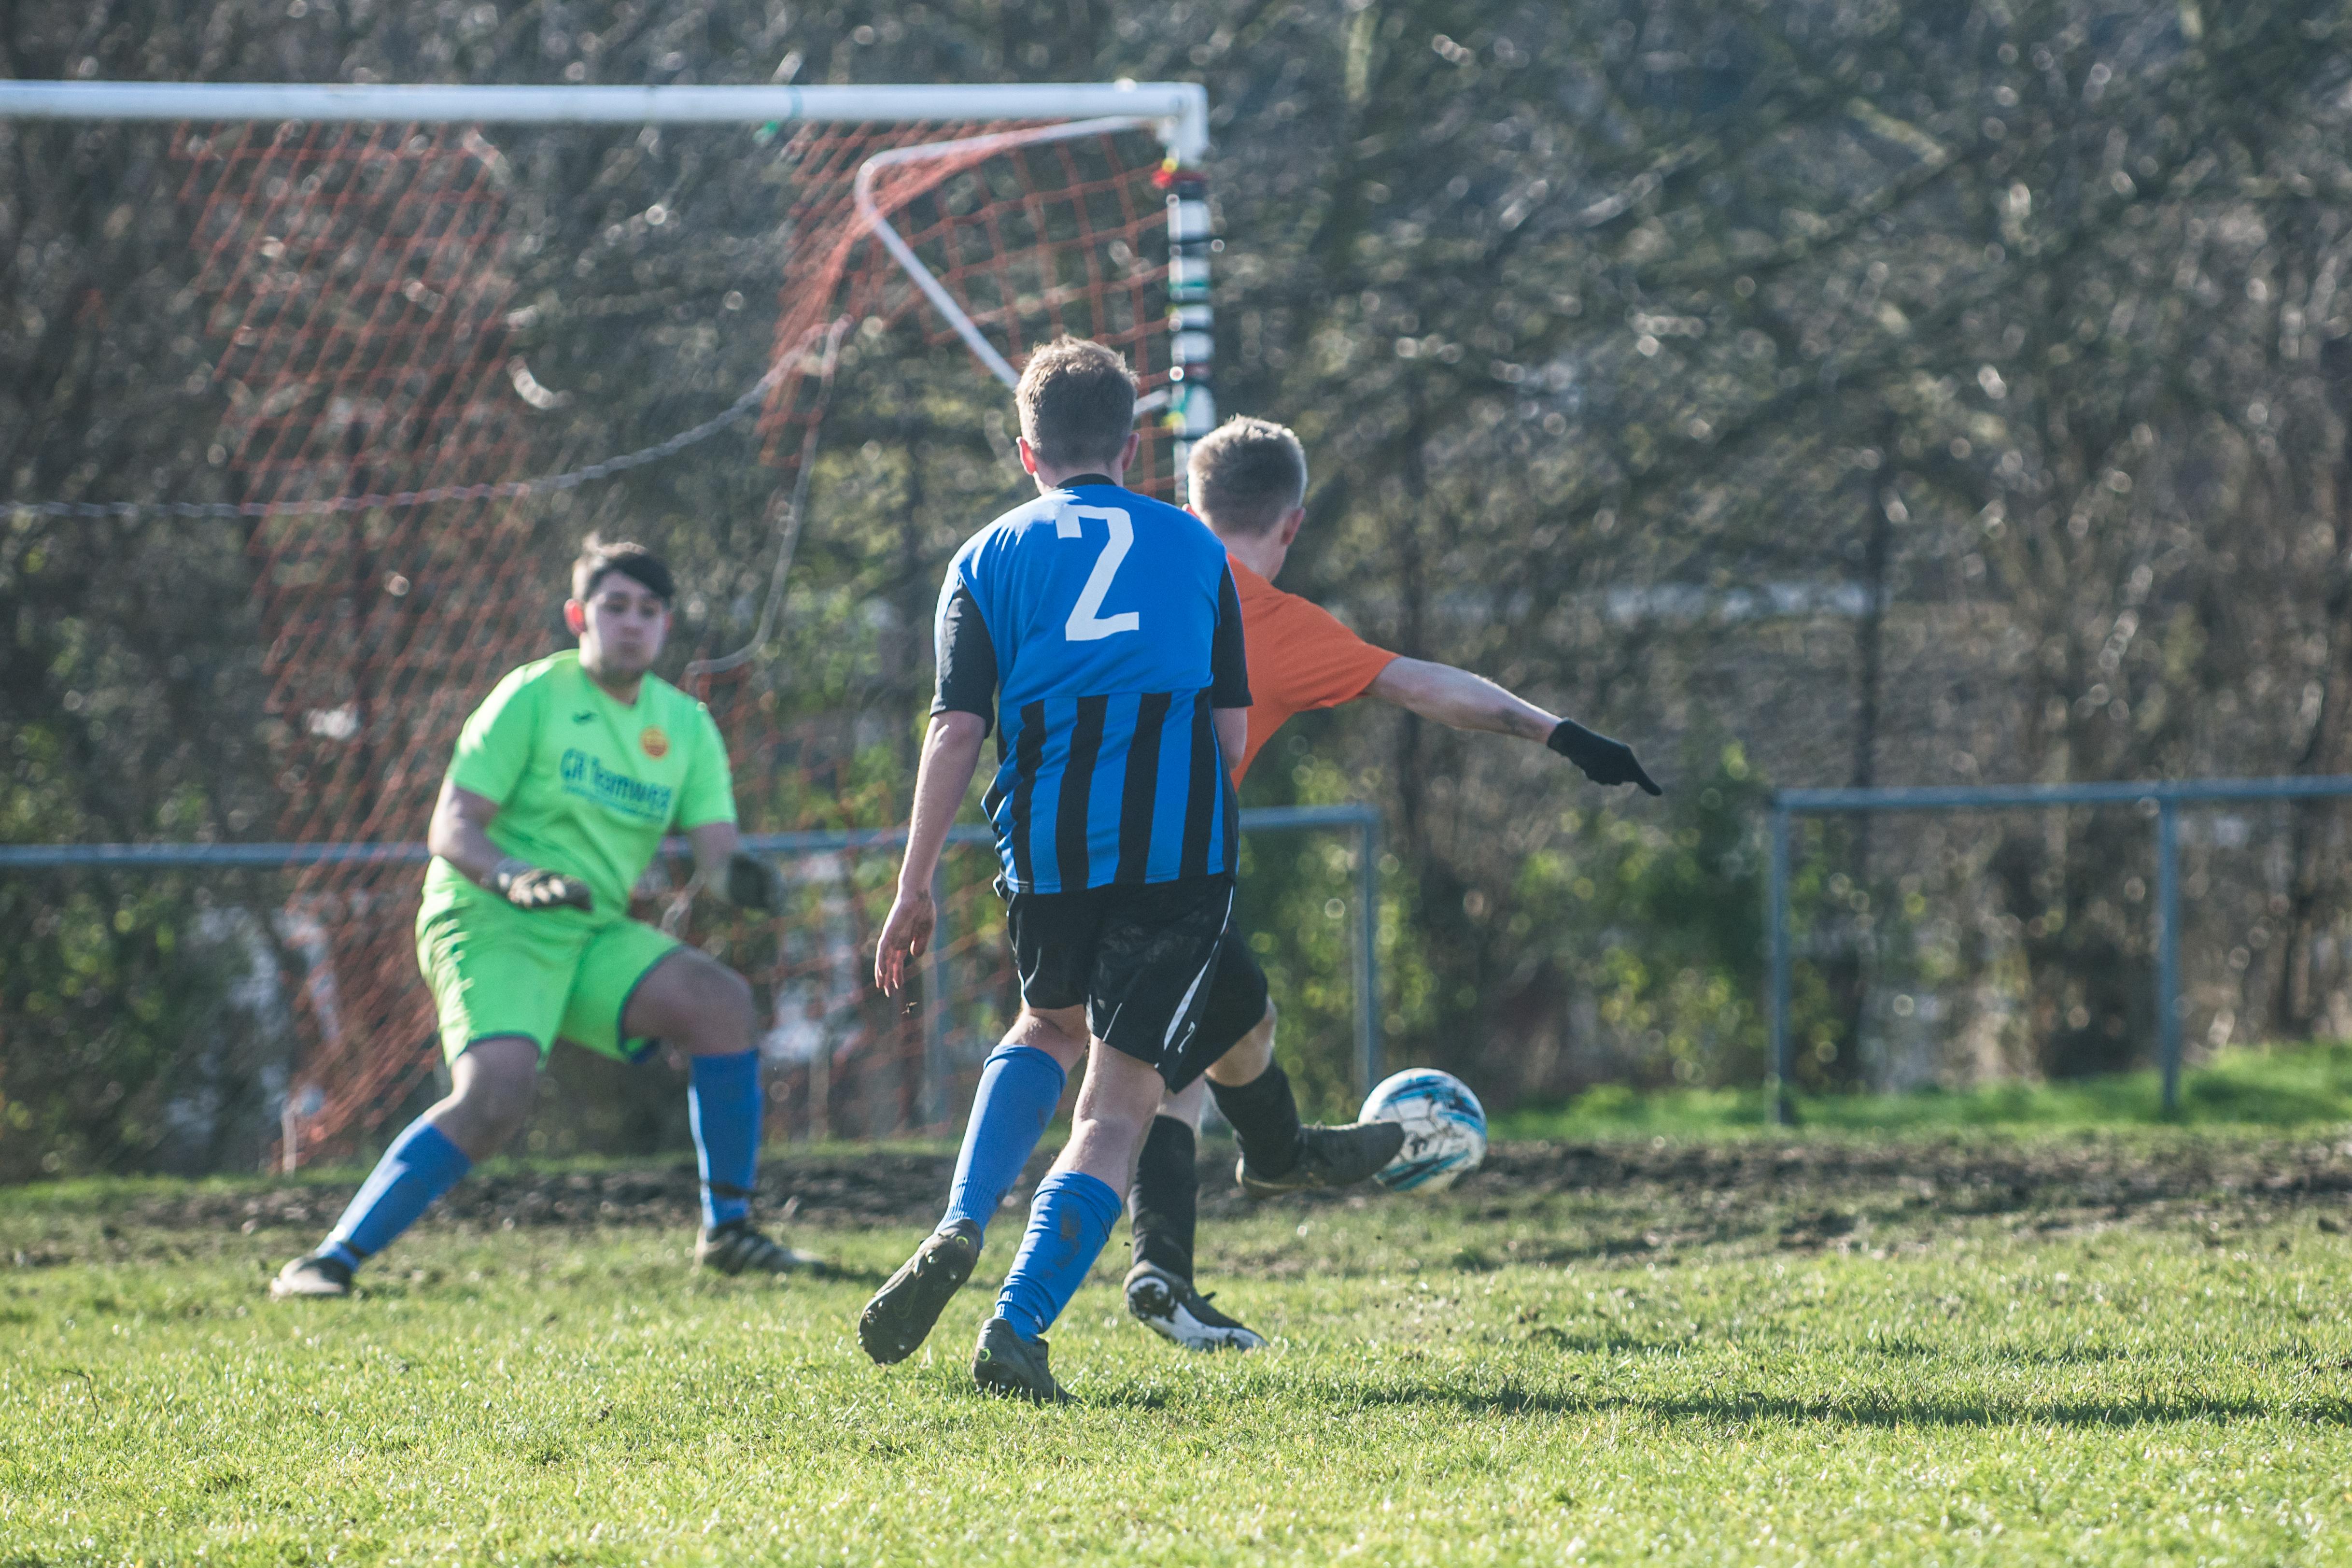 Mile Oak FC U18s vs Newhaven FC U18s 04.02.18 39